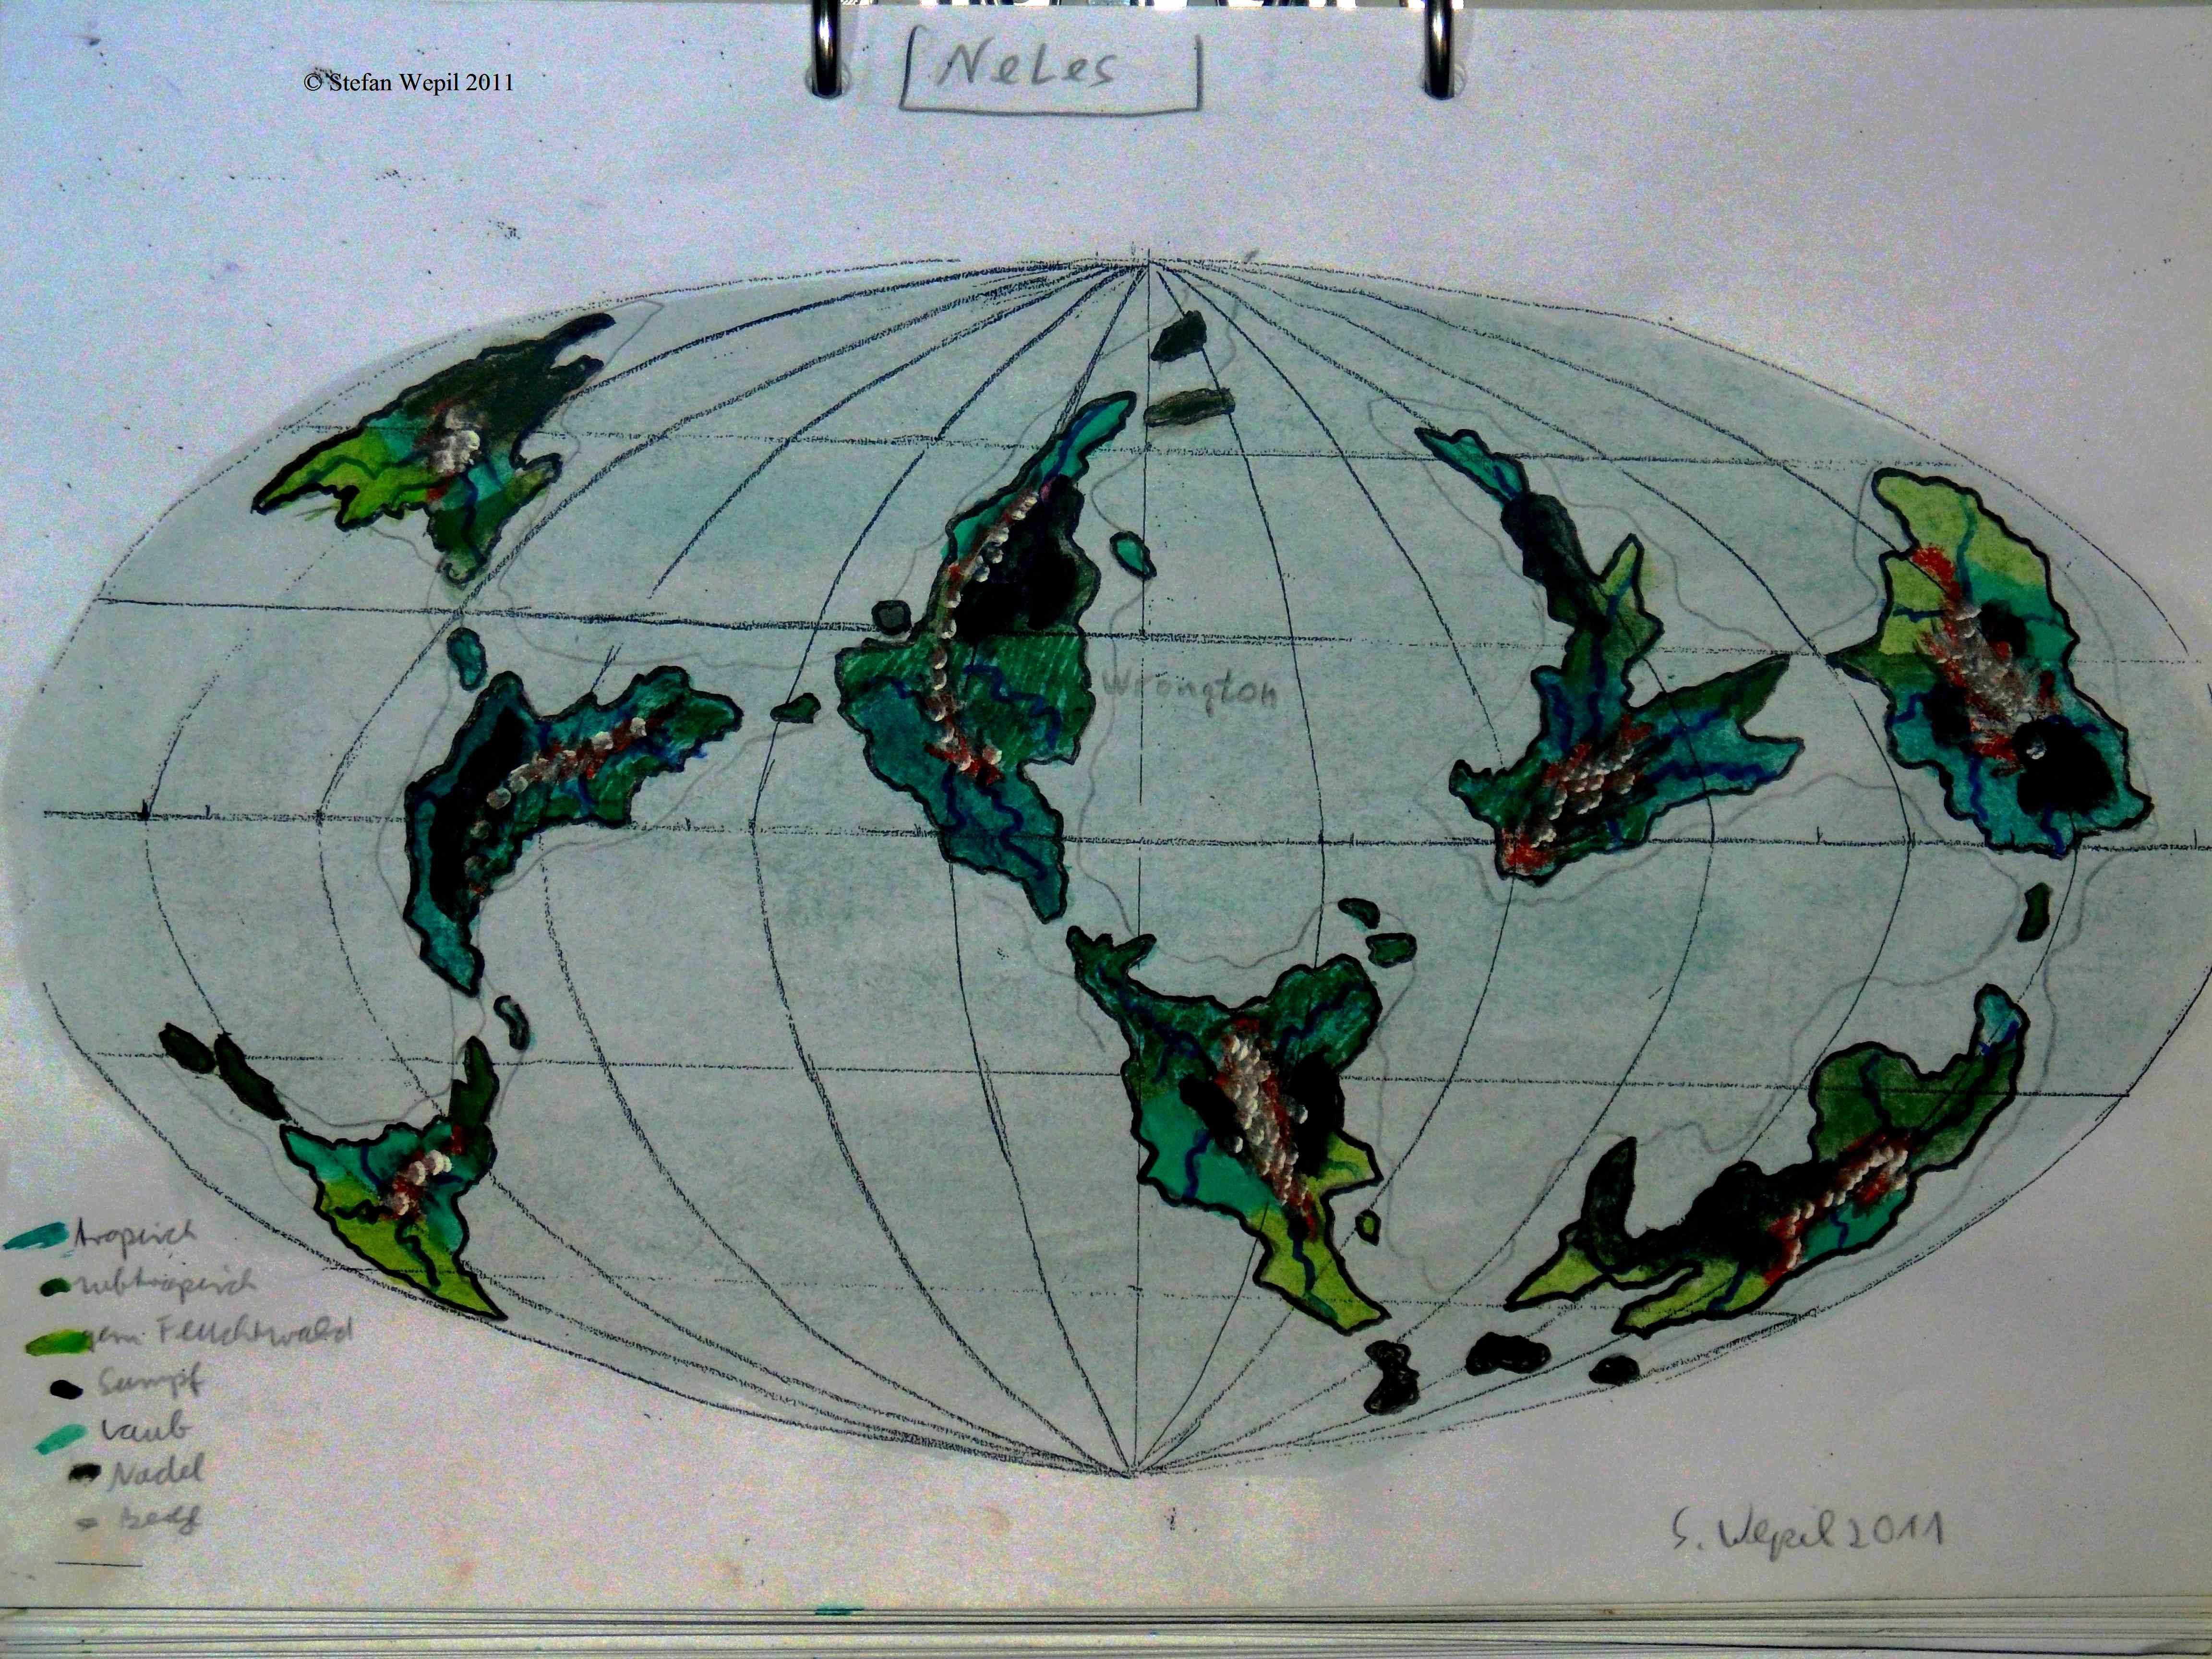 Planetenkarte von Neles in der Milchstraße (C) Stefan Wepil